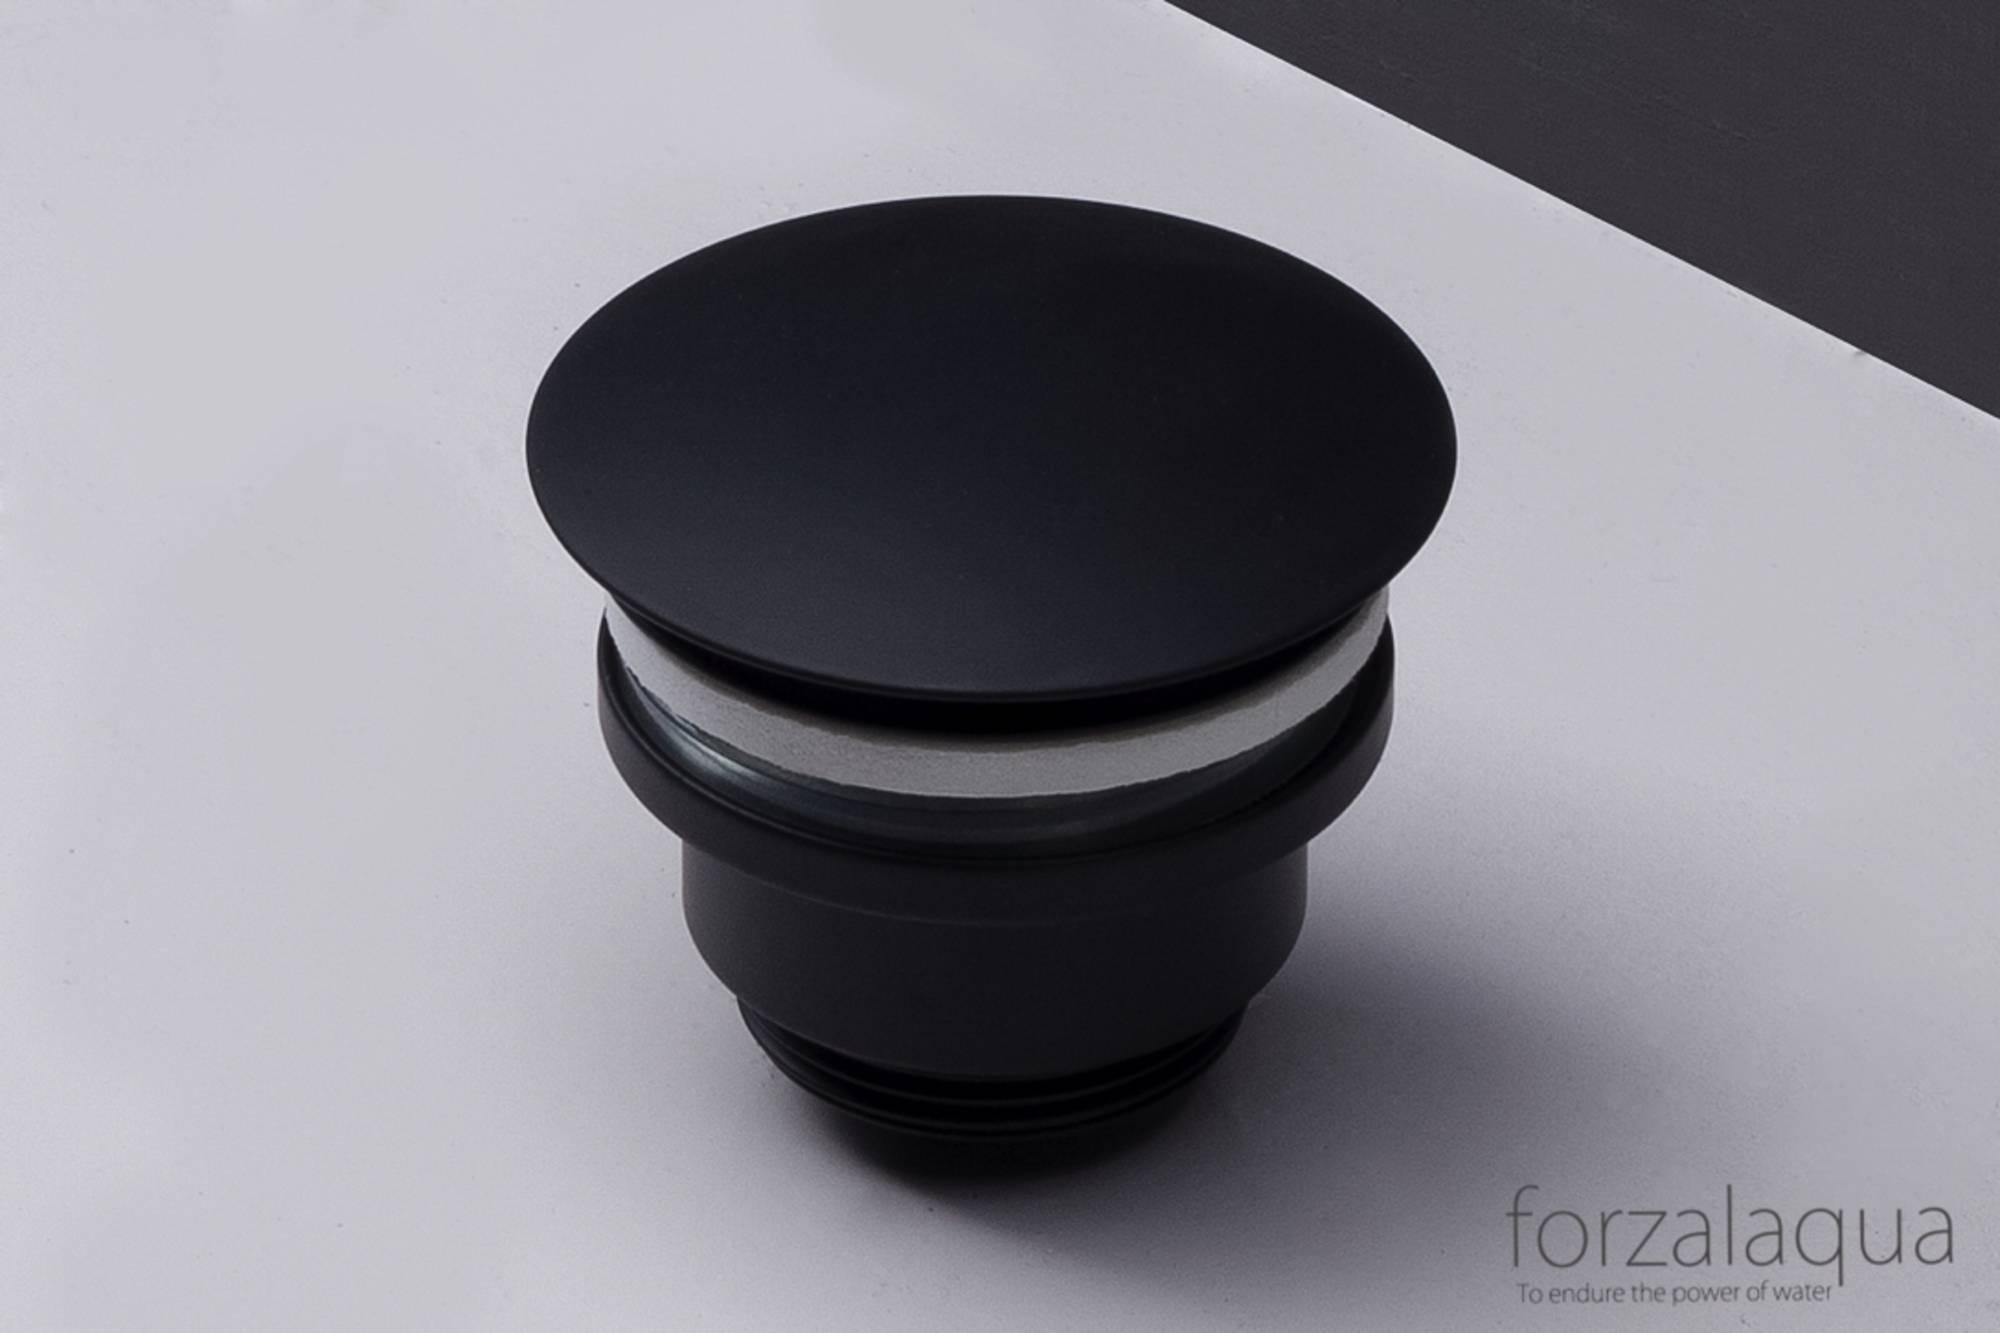 Forzalaqua Afvoerplug Chroom 5/4inch Altijd Open Zwart